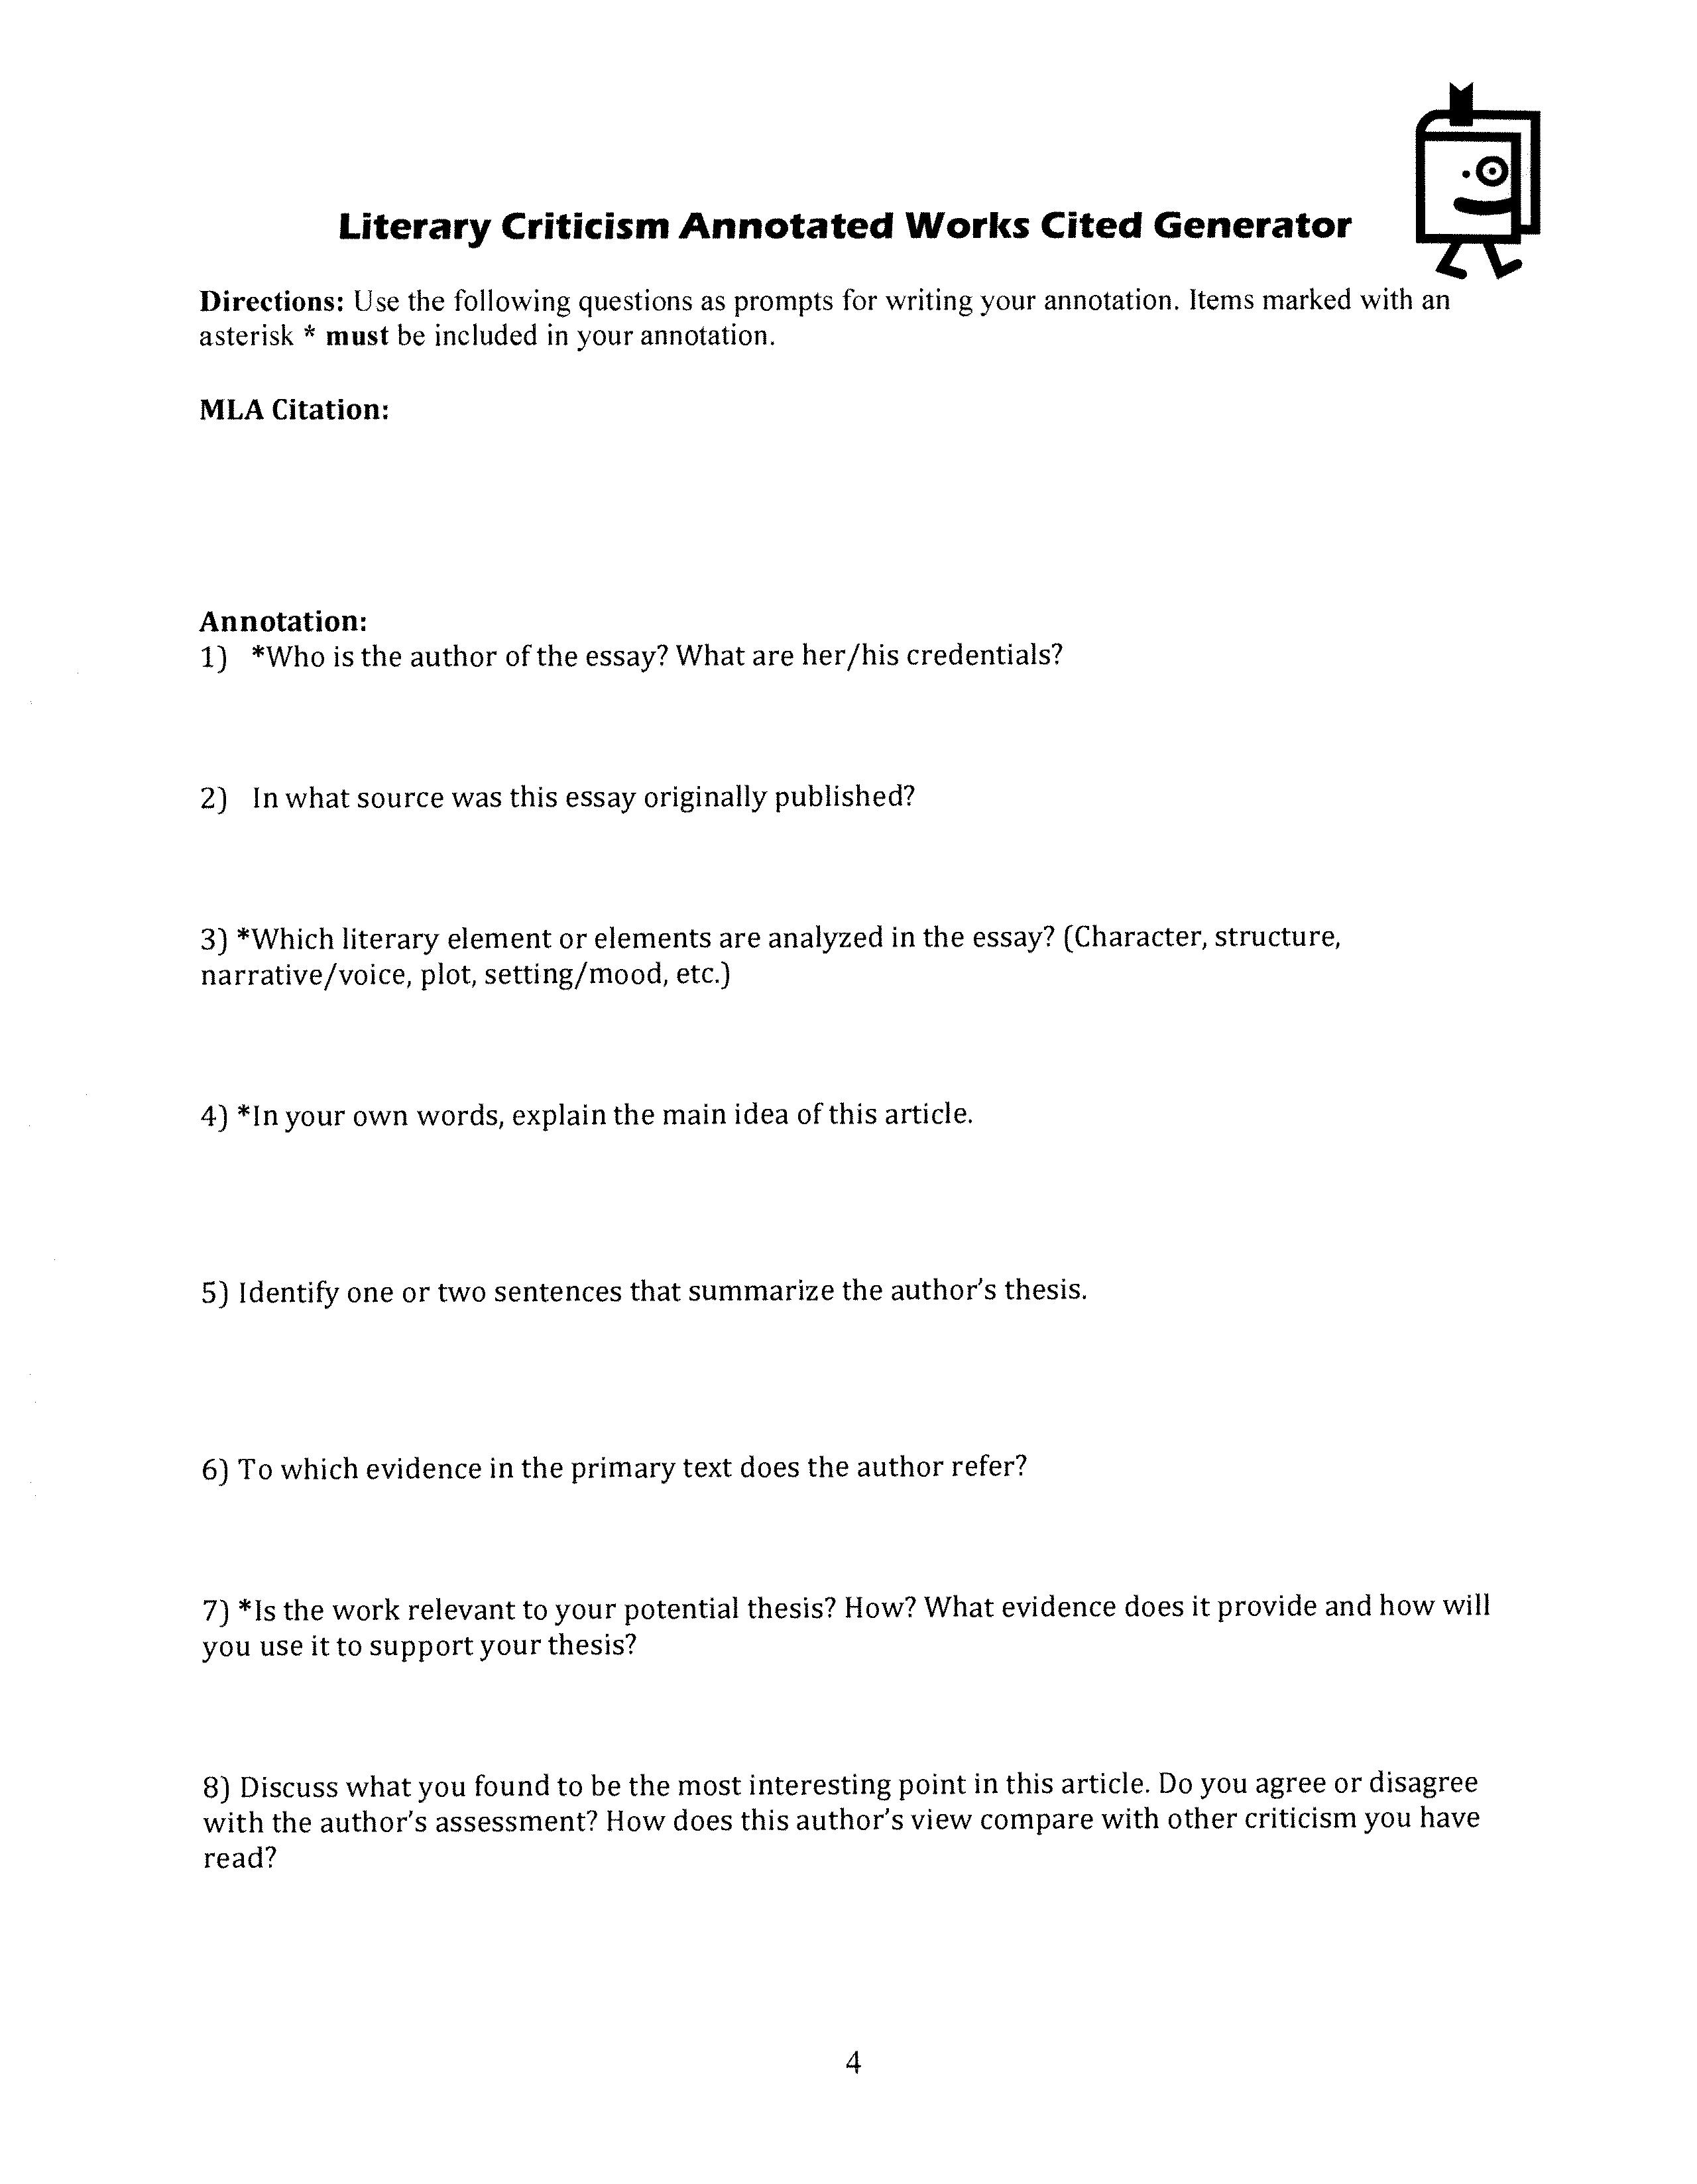 008 College Essay Generator Index66445 Amazing Outline Idea Full